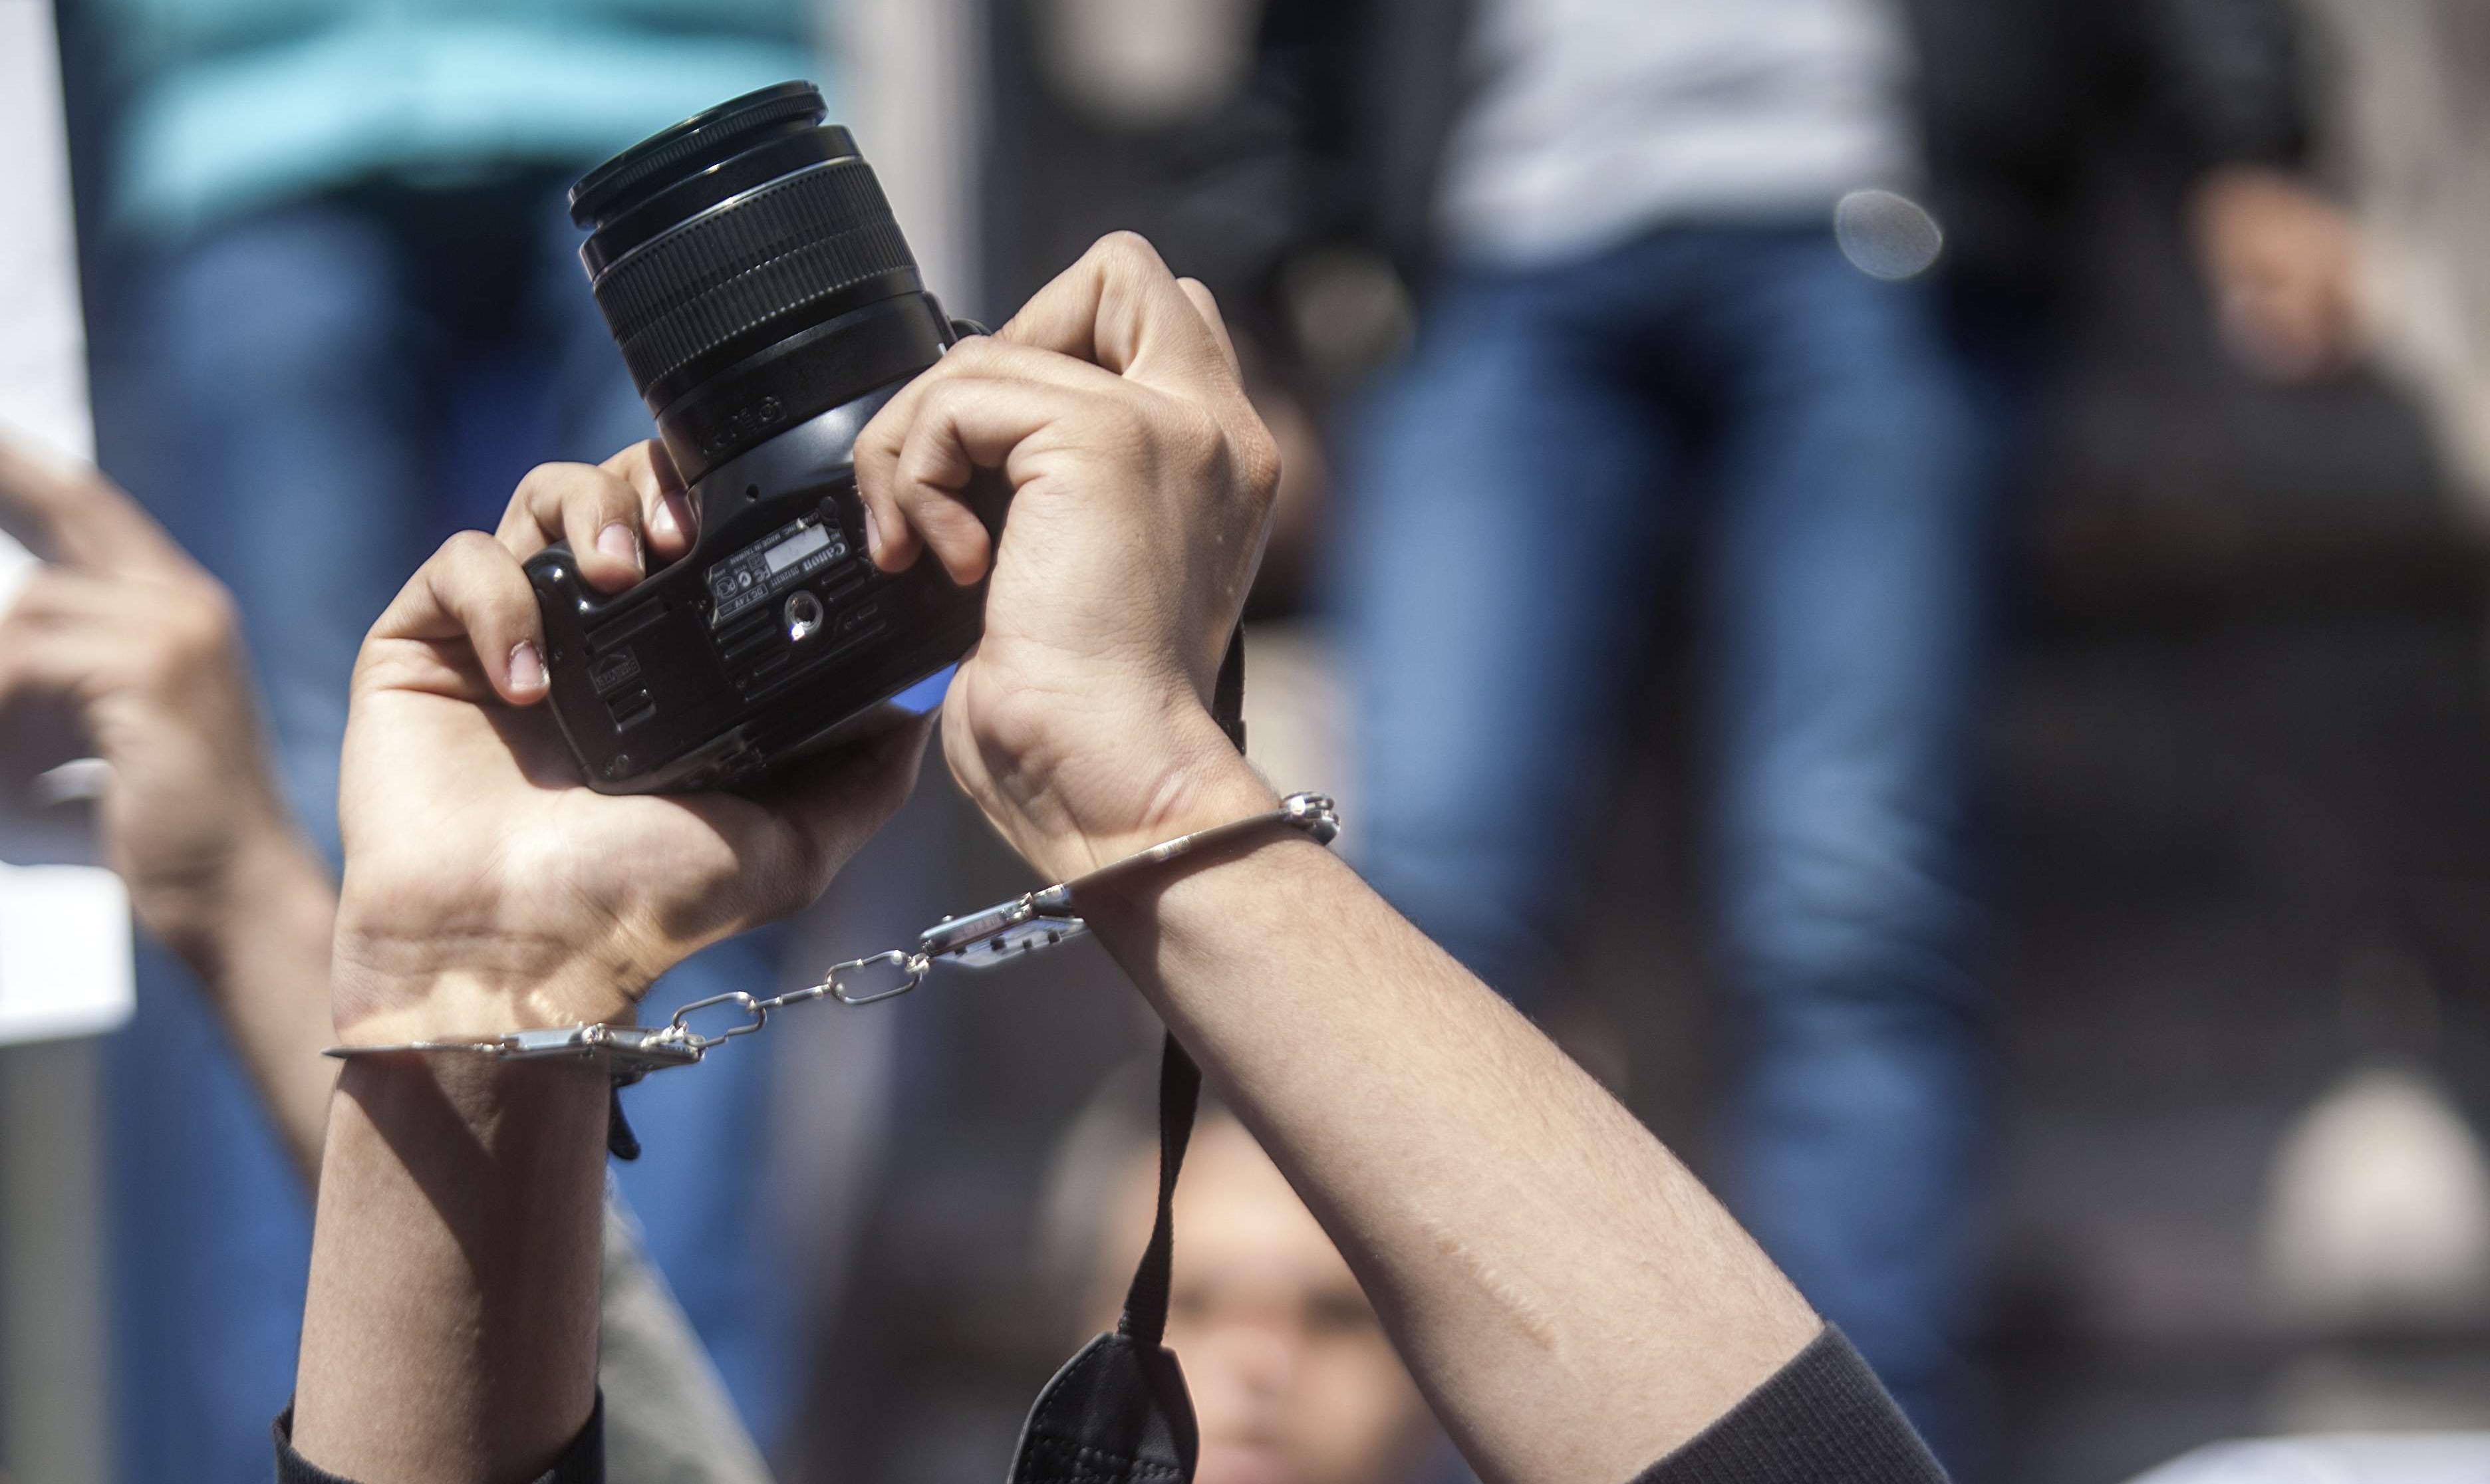 أولى ضربات لحرية الصحافة سنة 2018.. النيابة العامة تقرر متابعة صحفيين وبرلماني بسبب نشر وتسريب ملعومات على لجنة تقصي الحقائق حول التقاعد